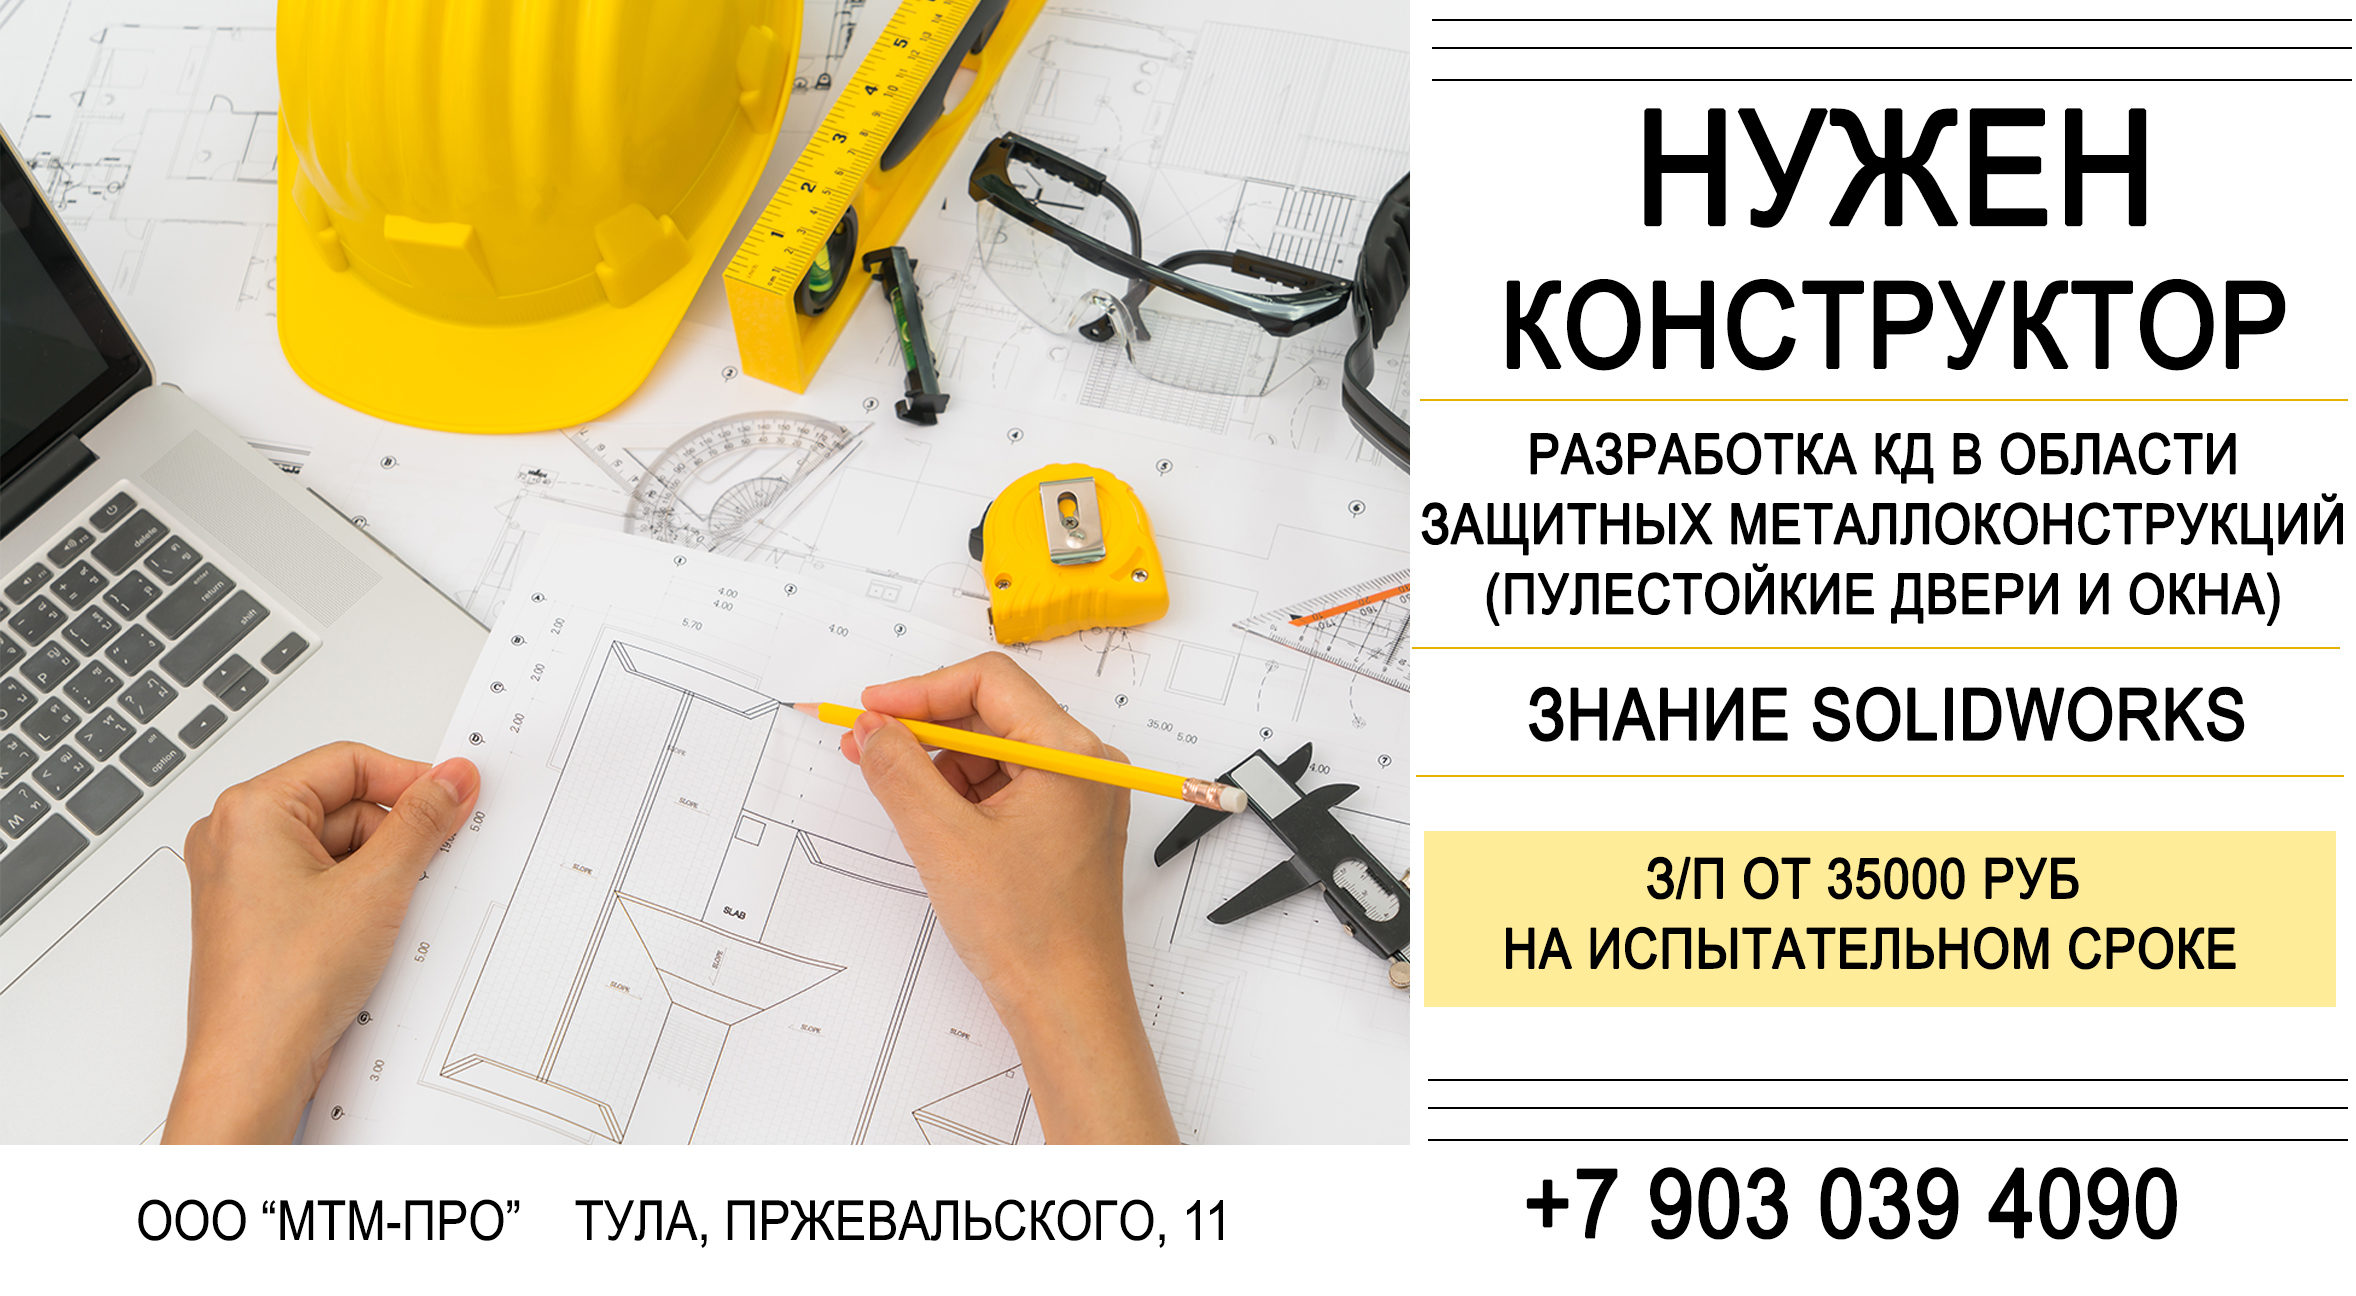 конструктор в МТМ-ПРО